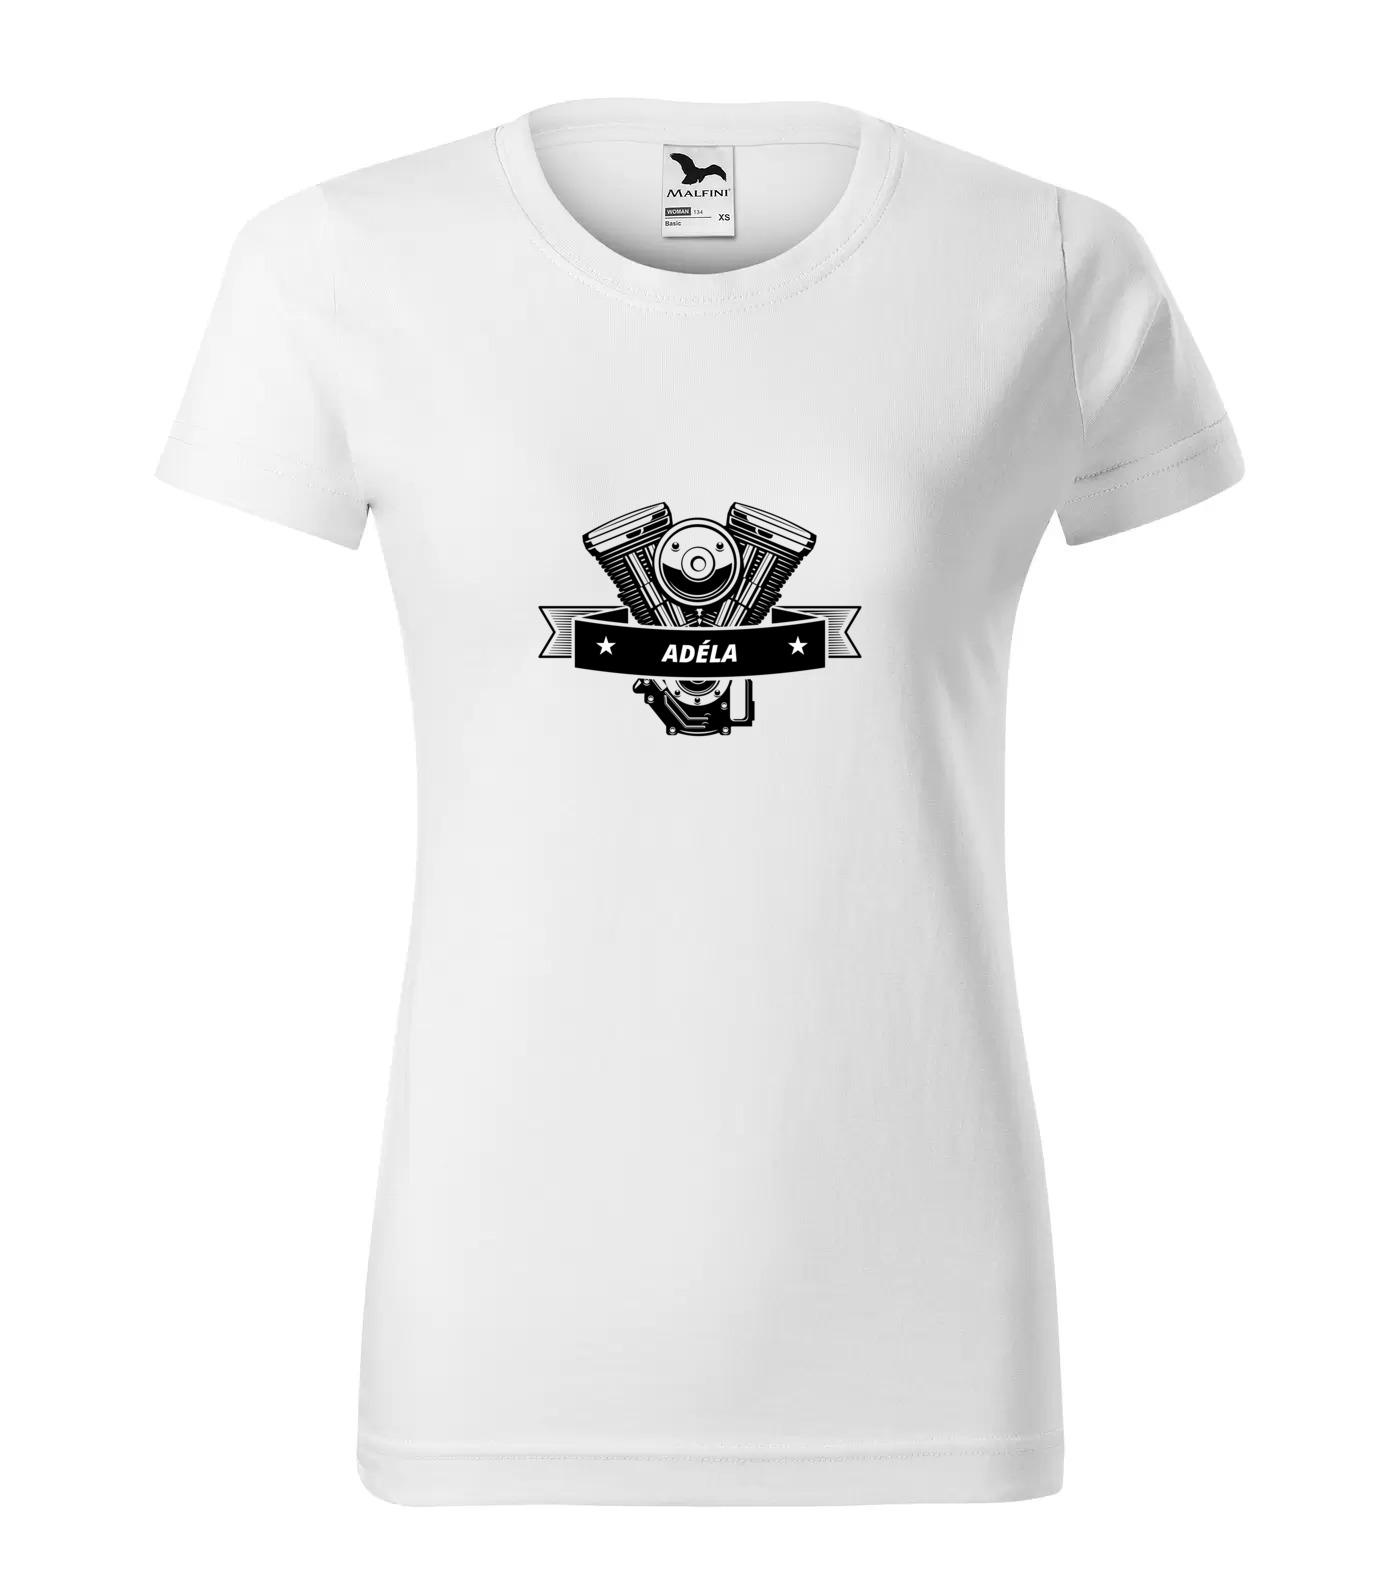 Tričko Motorkářka Adéla